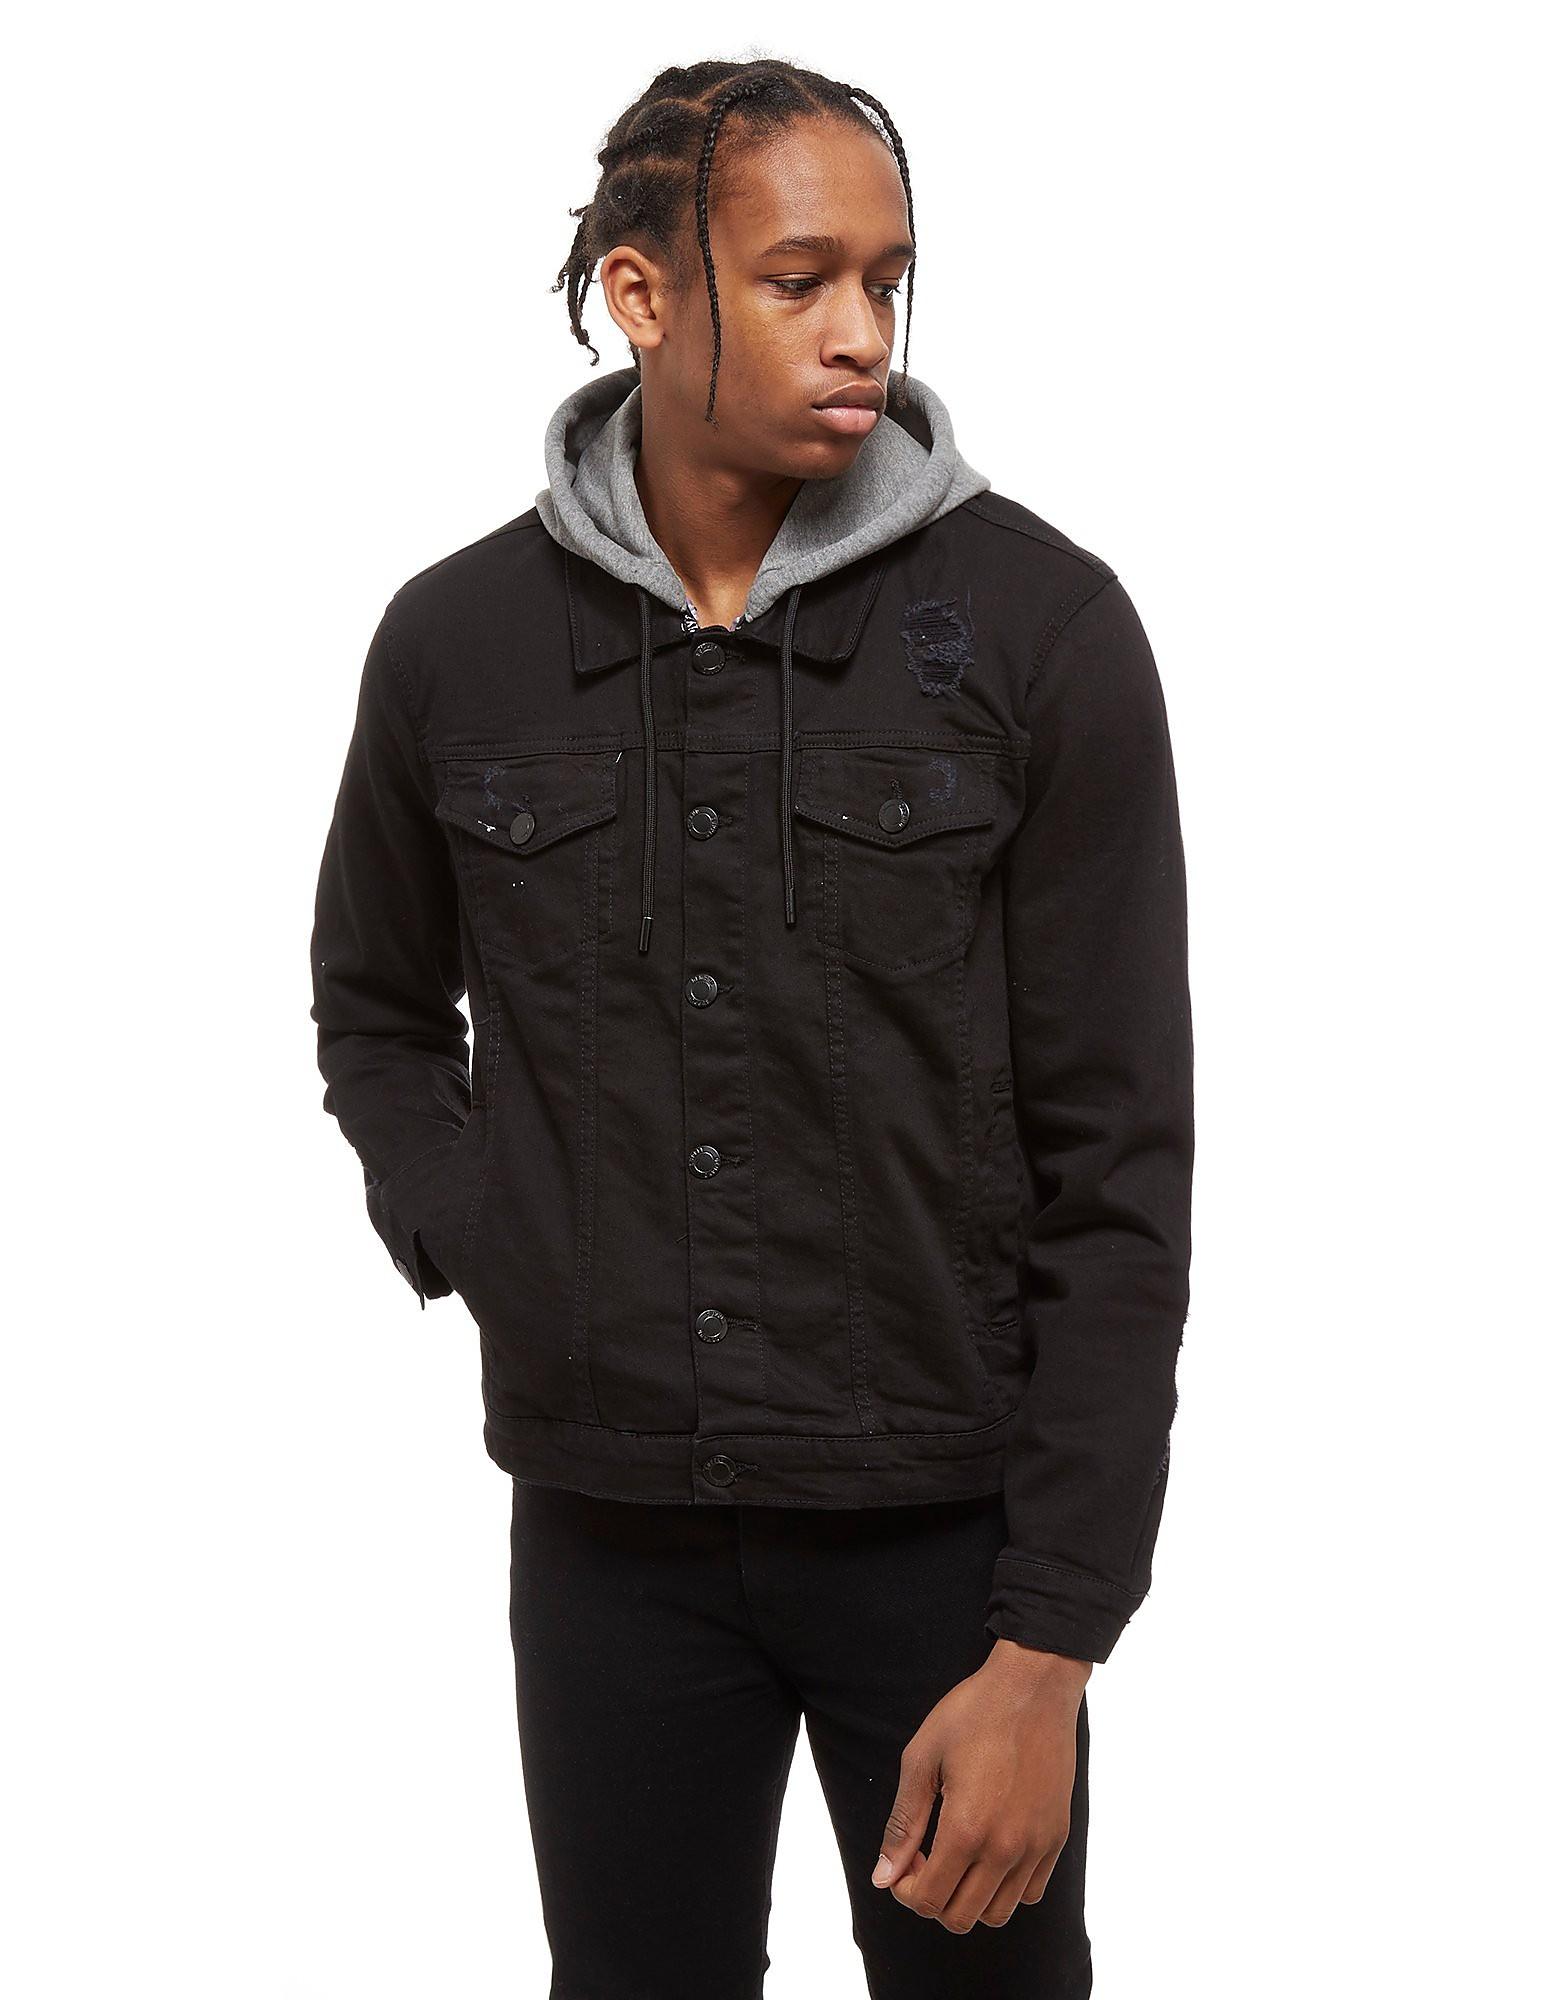 Supply & Demand Distressed Denim Jacket